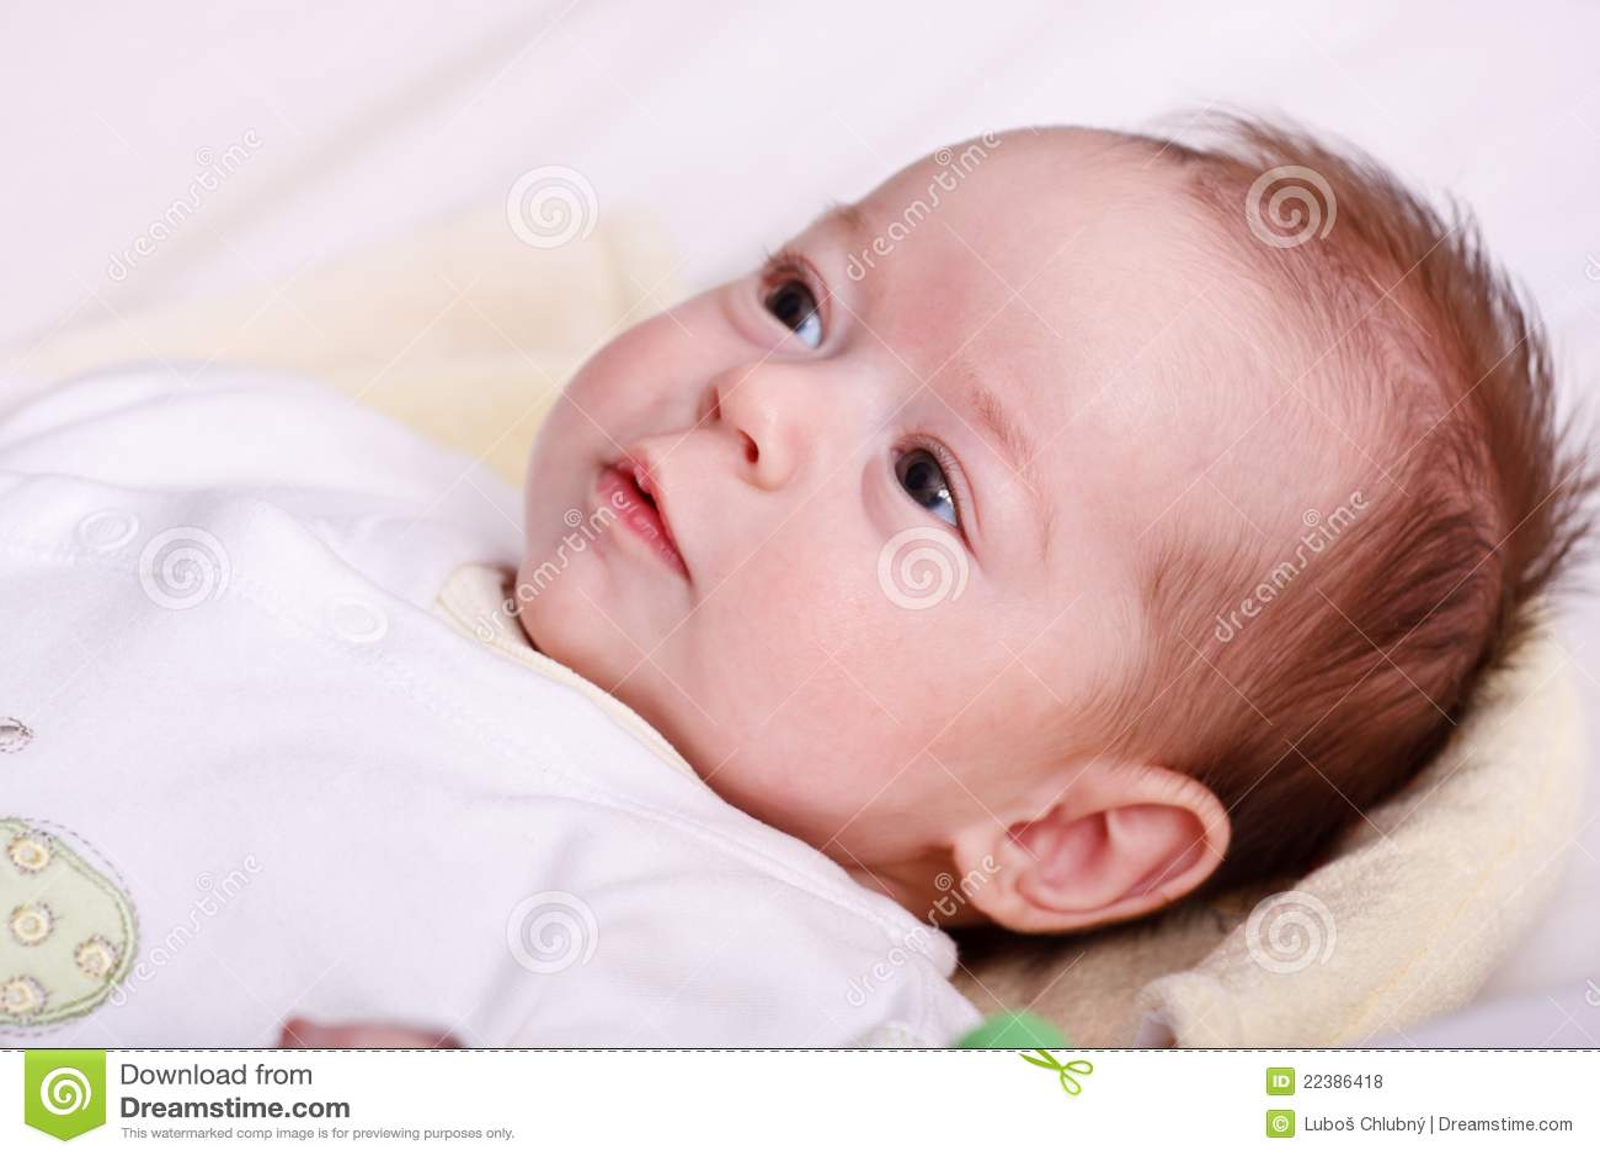 Baby, das auf einer weichen Decke und einem Überwachen liegt